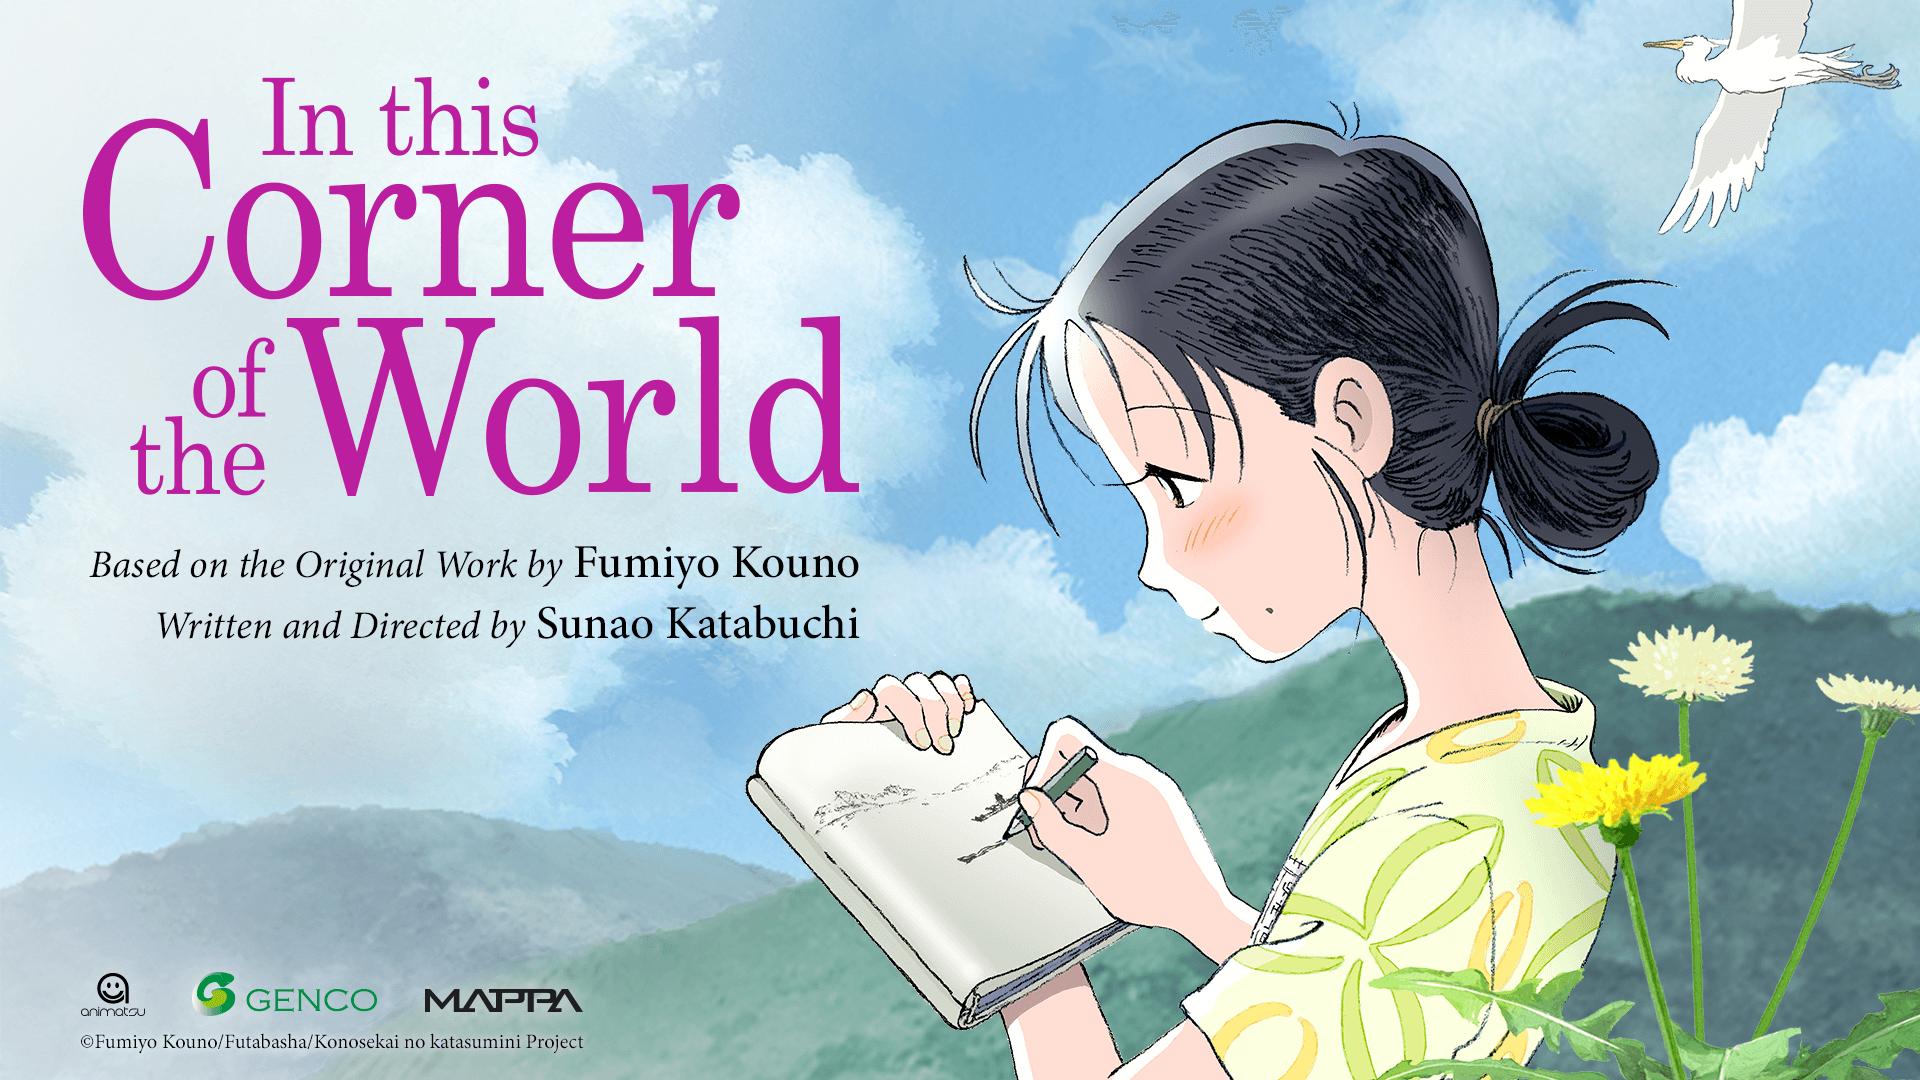 ไปดูมาแล้วกับ In This Corner of the world